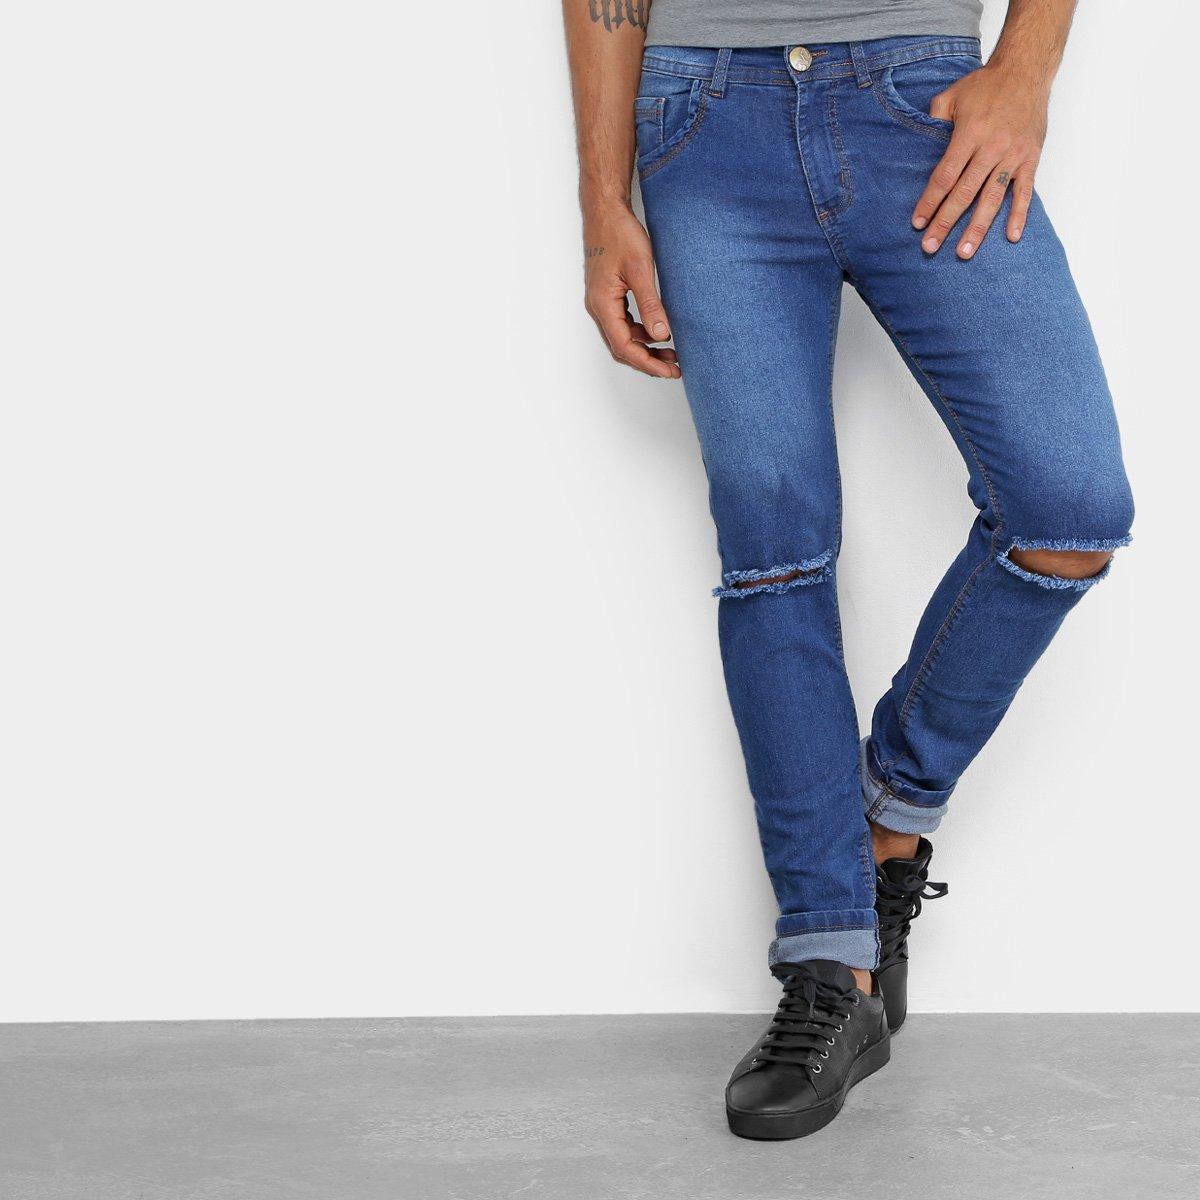 Calça Jeans Skinny Coffee Rasgada Masculina 2facc33655006